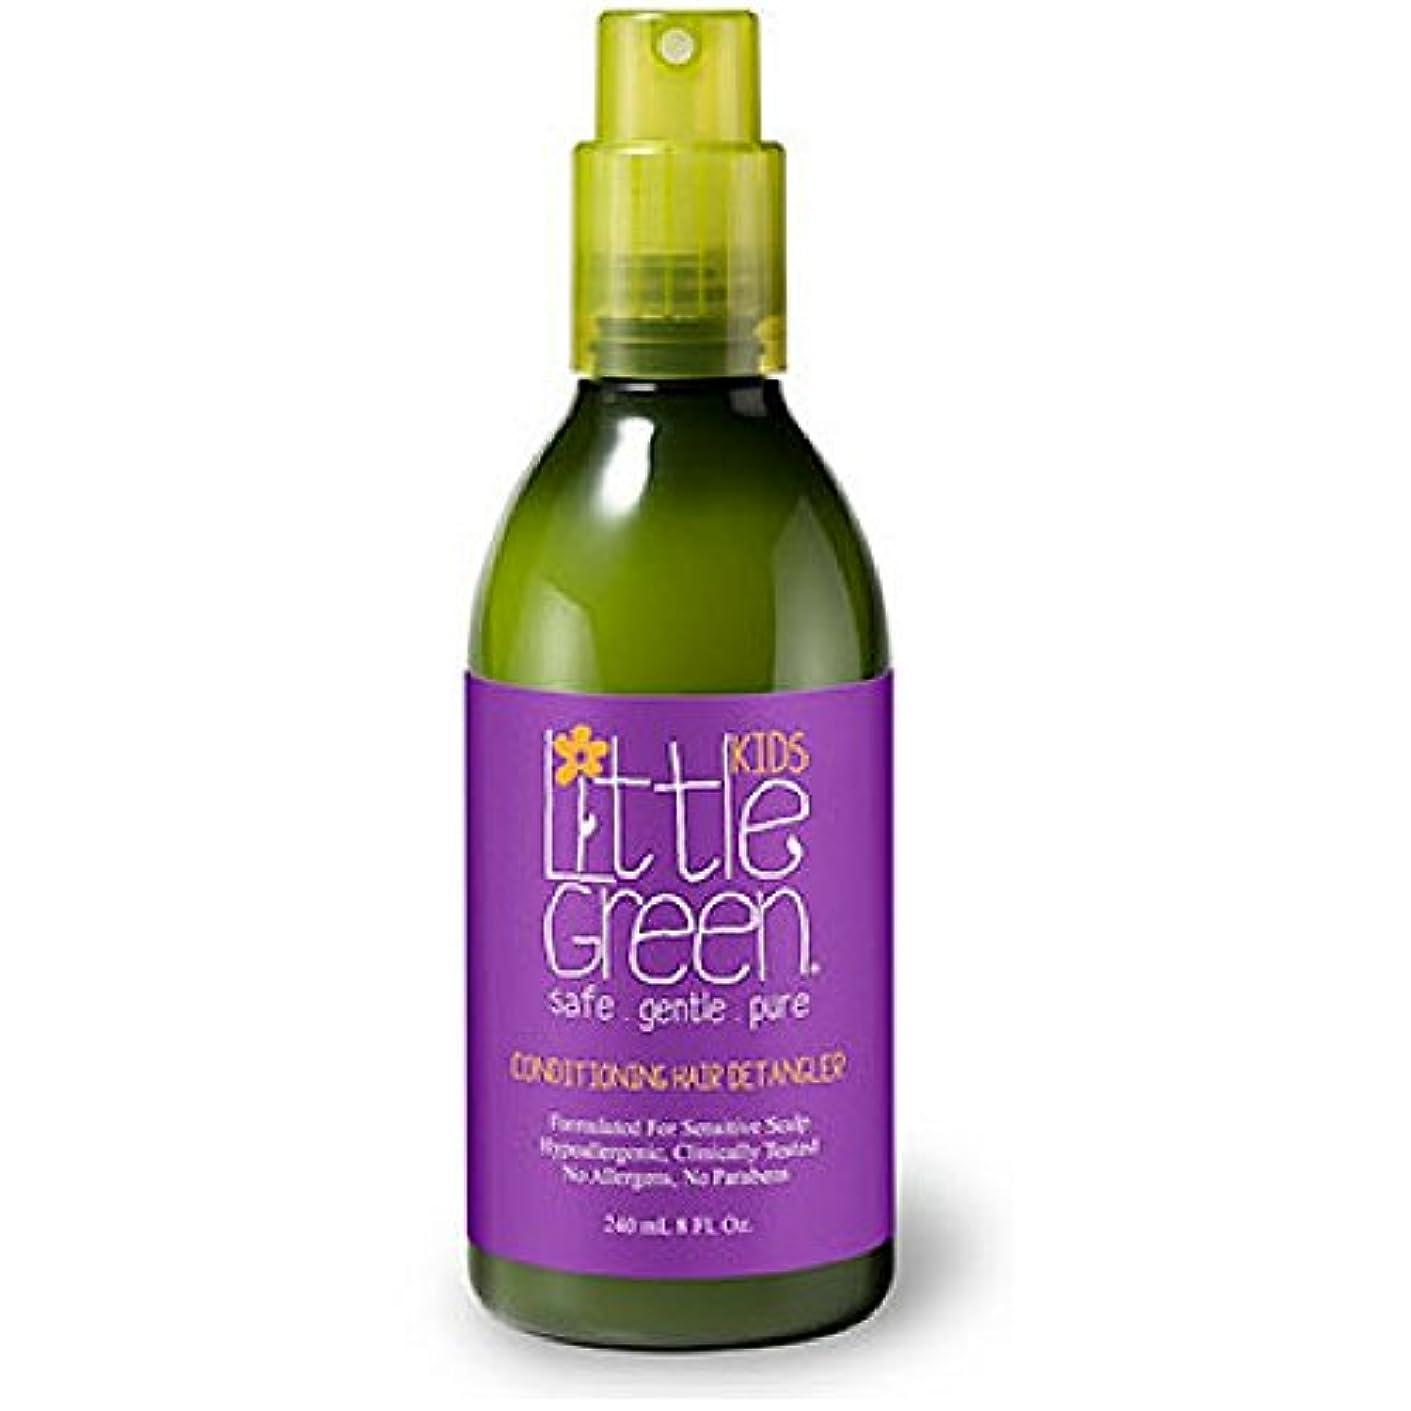 ジュニア海上水っぽいLittle Green キッズコンディショニングDetangler - 子供Detanglerスプレー - 安全かつ非毒性 - 低刺激性 - - パラベンやグルテンフリー - ウェットまたはドライの髪に使用し臨床的に子供...